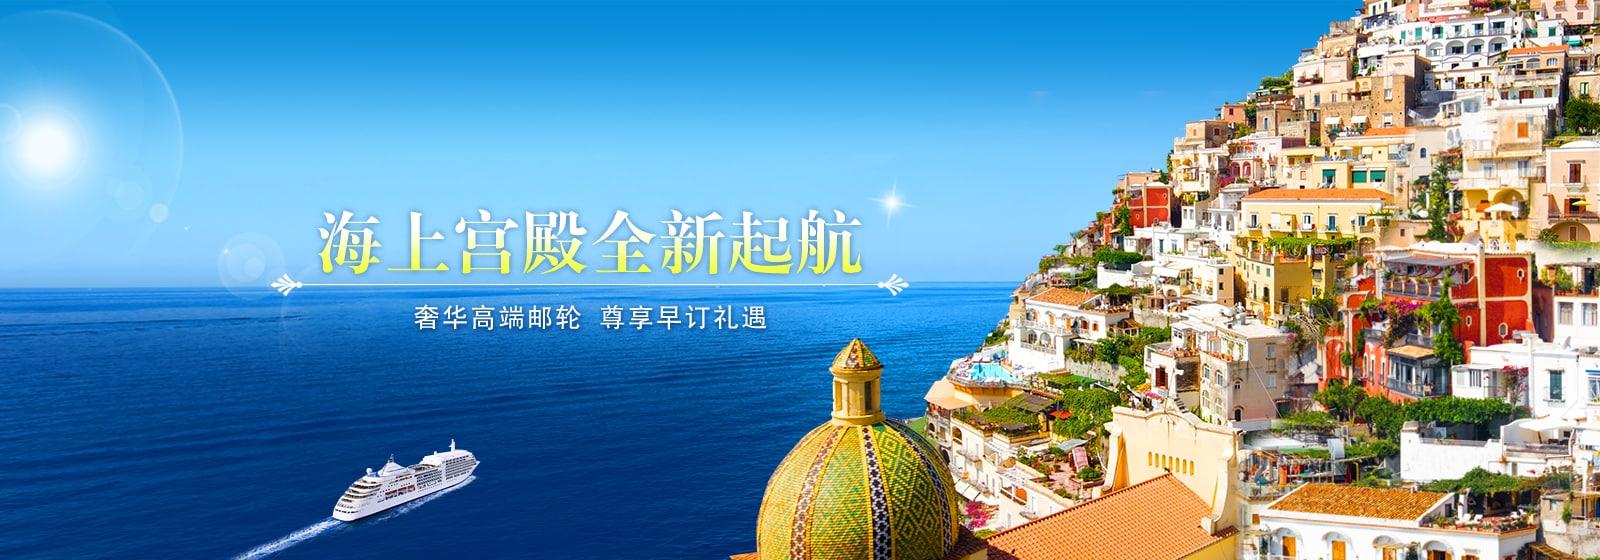 海上宫殿全新起航_奢华高端邮轮_尊享早订礼遇